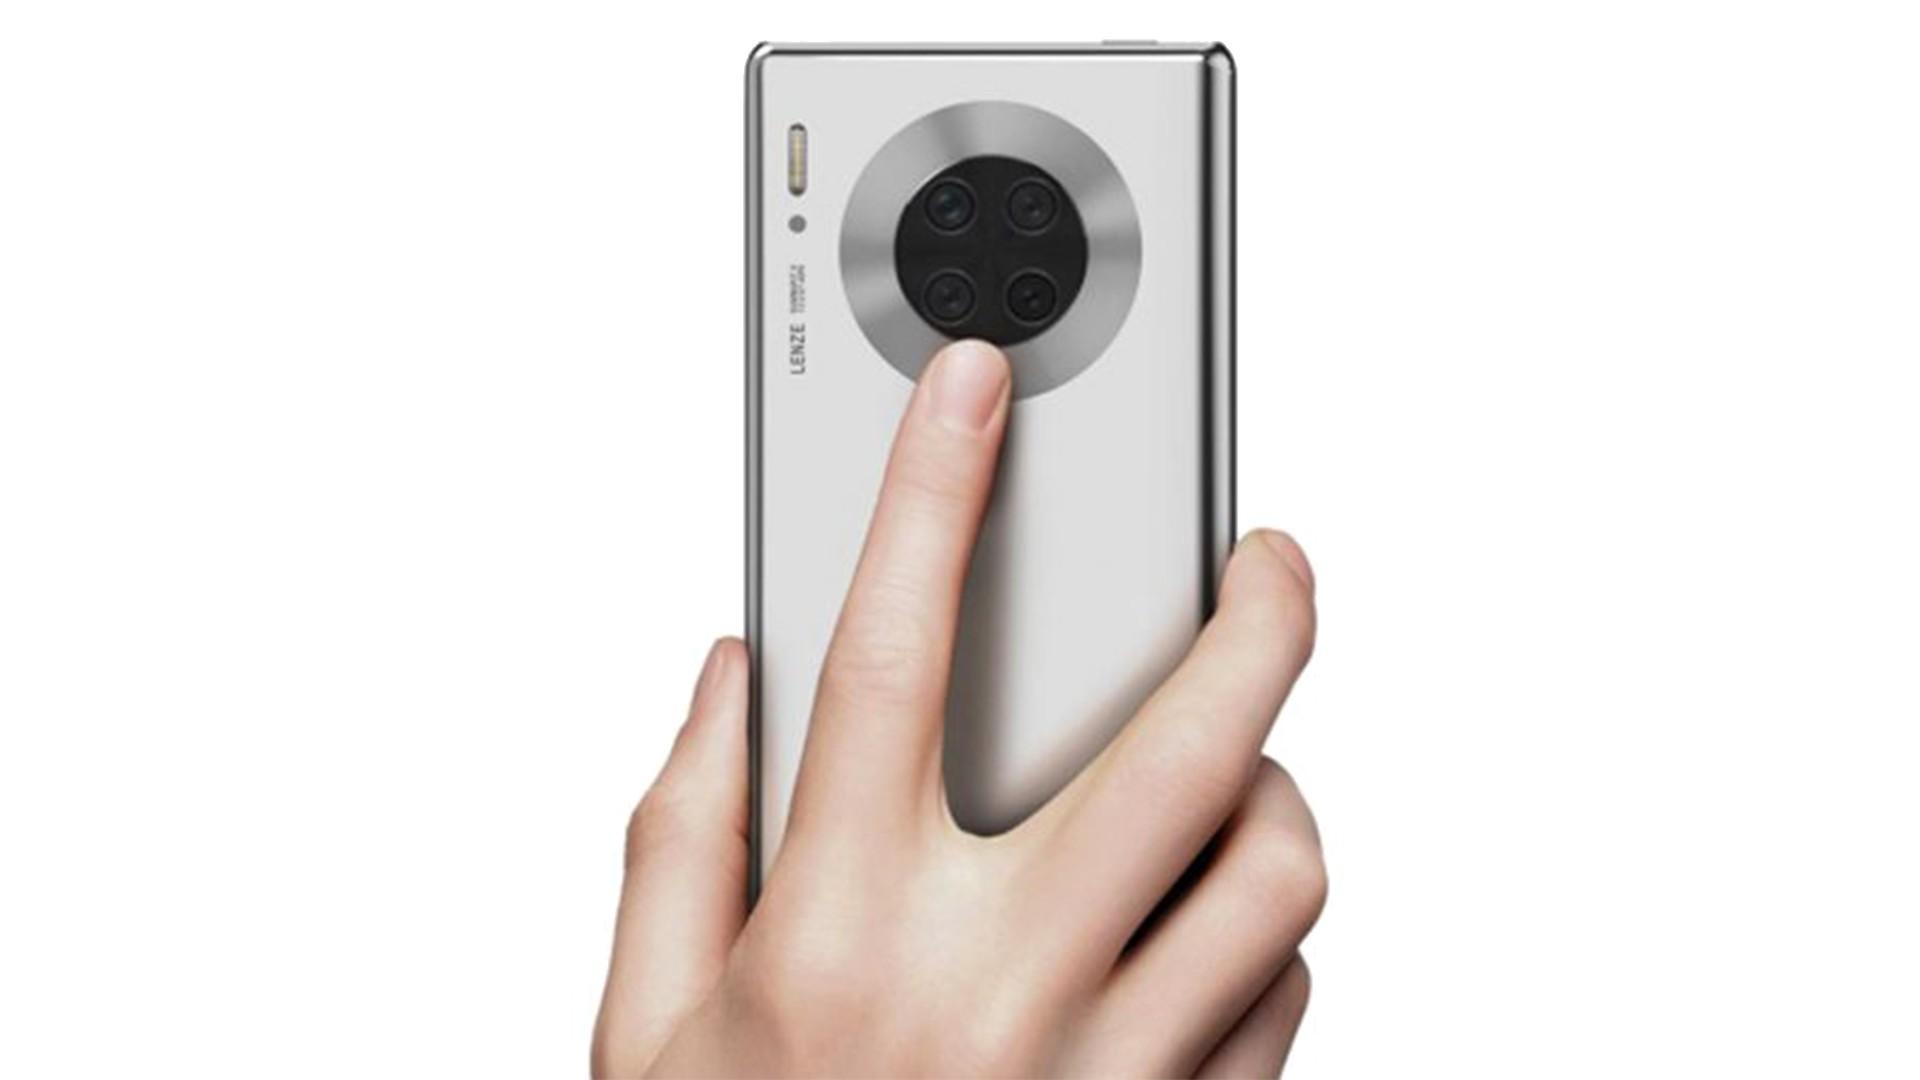 Molte informazioni su Motorola Moto G 5G |  Huawei e Samsung Galaxy Z Flip 5G